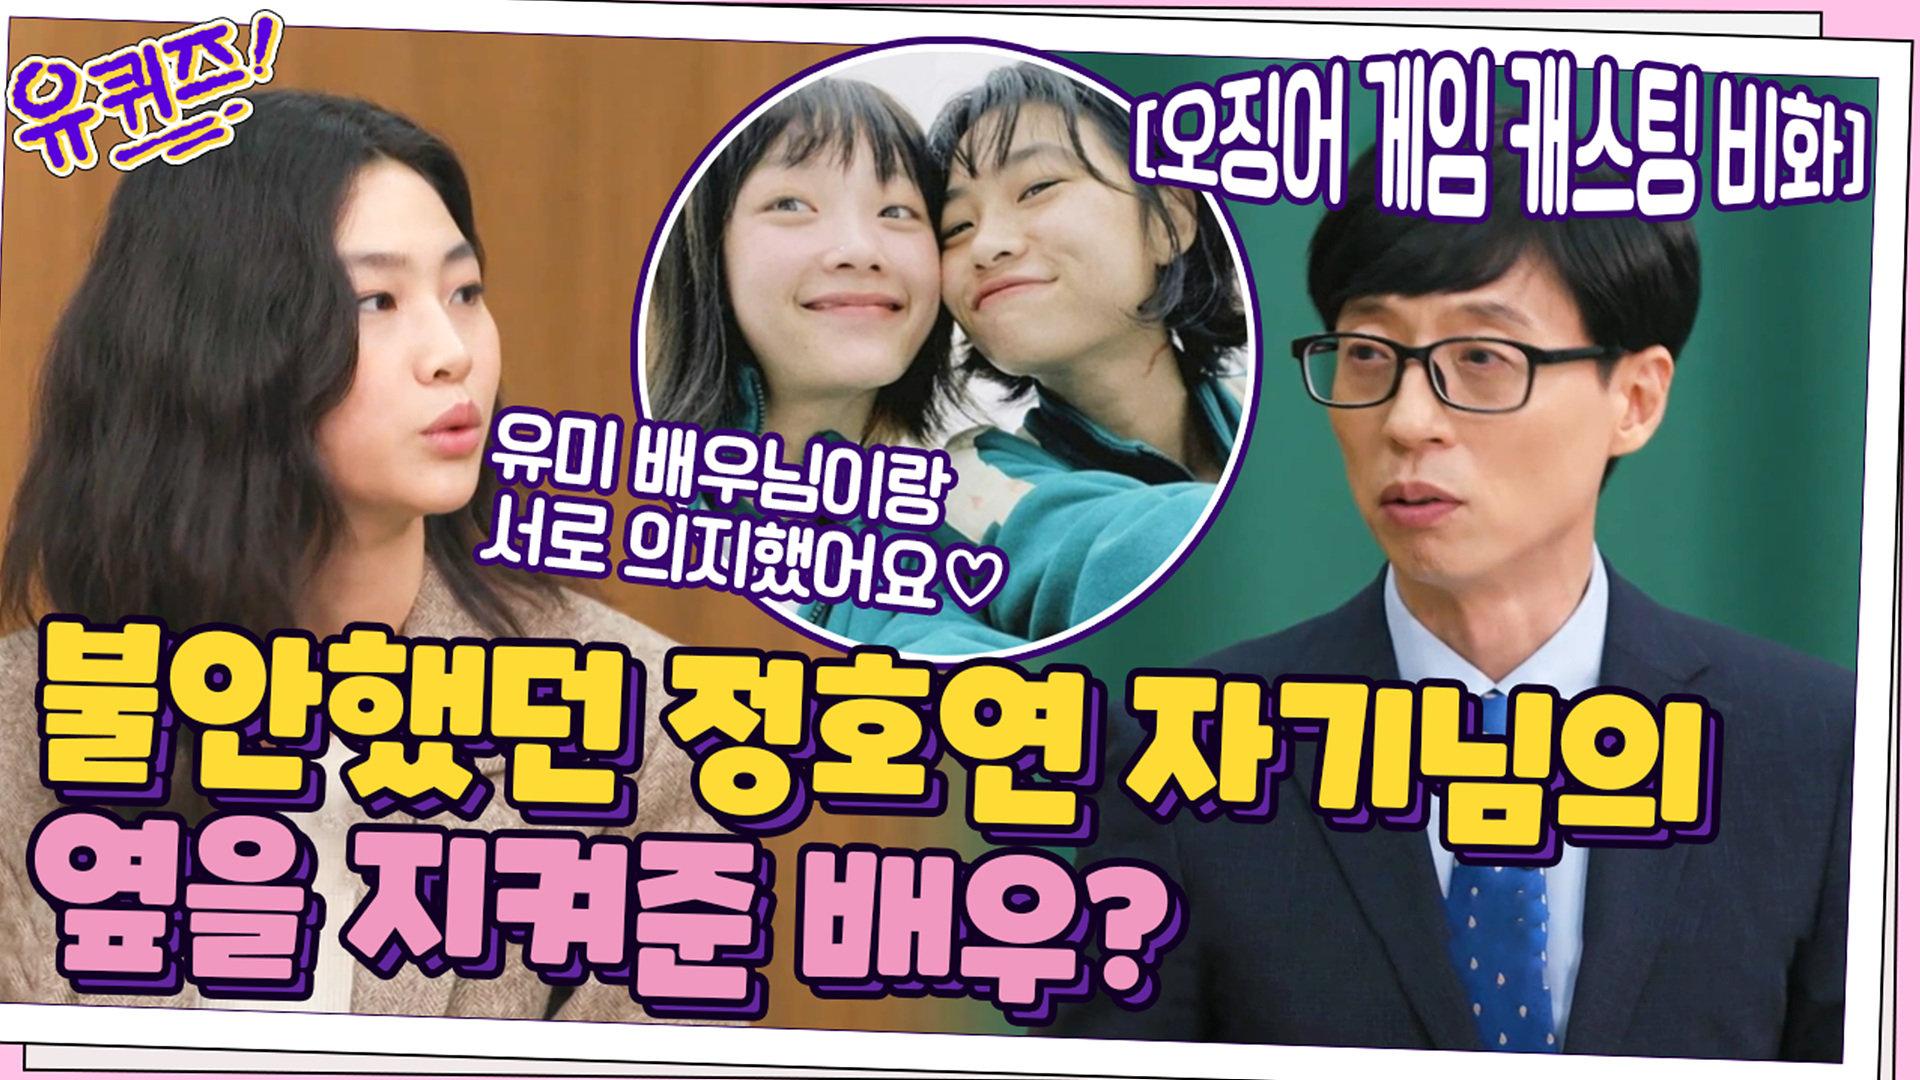 [오징어 게임 캐스팅 비화] 불안했던 정호연 자기님의 옆을 지켜준 배우?   tvN 211020 방송